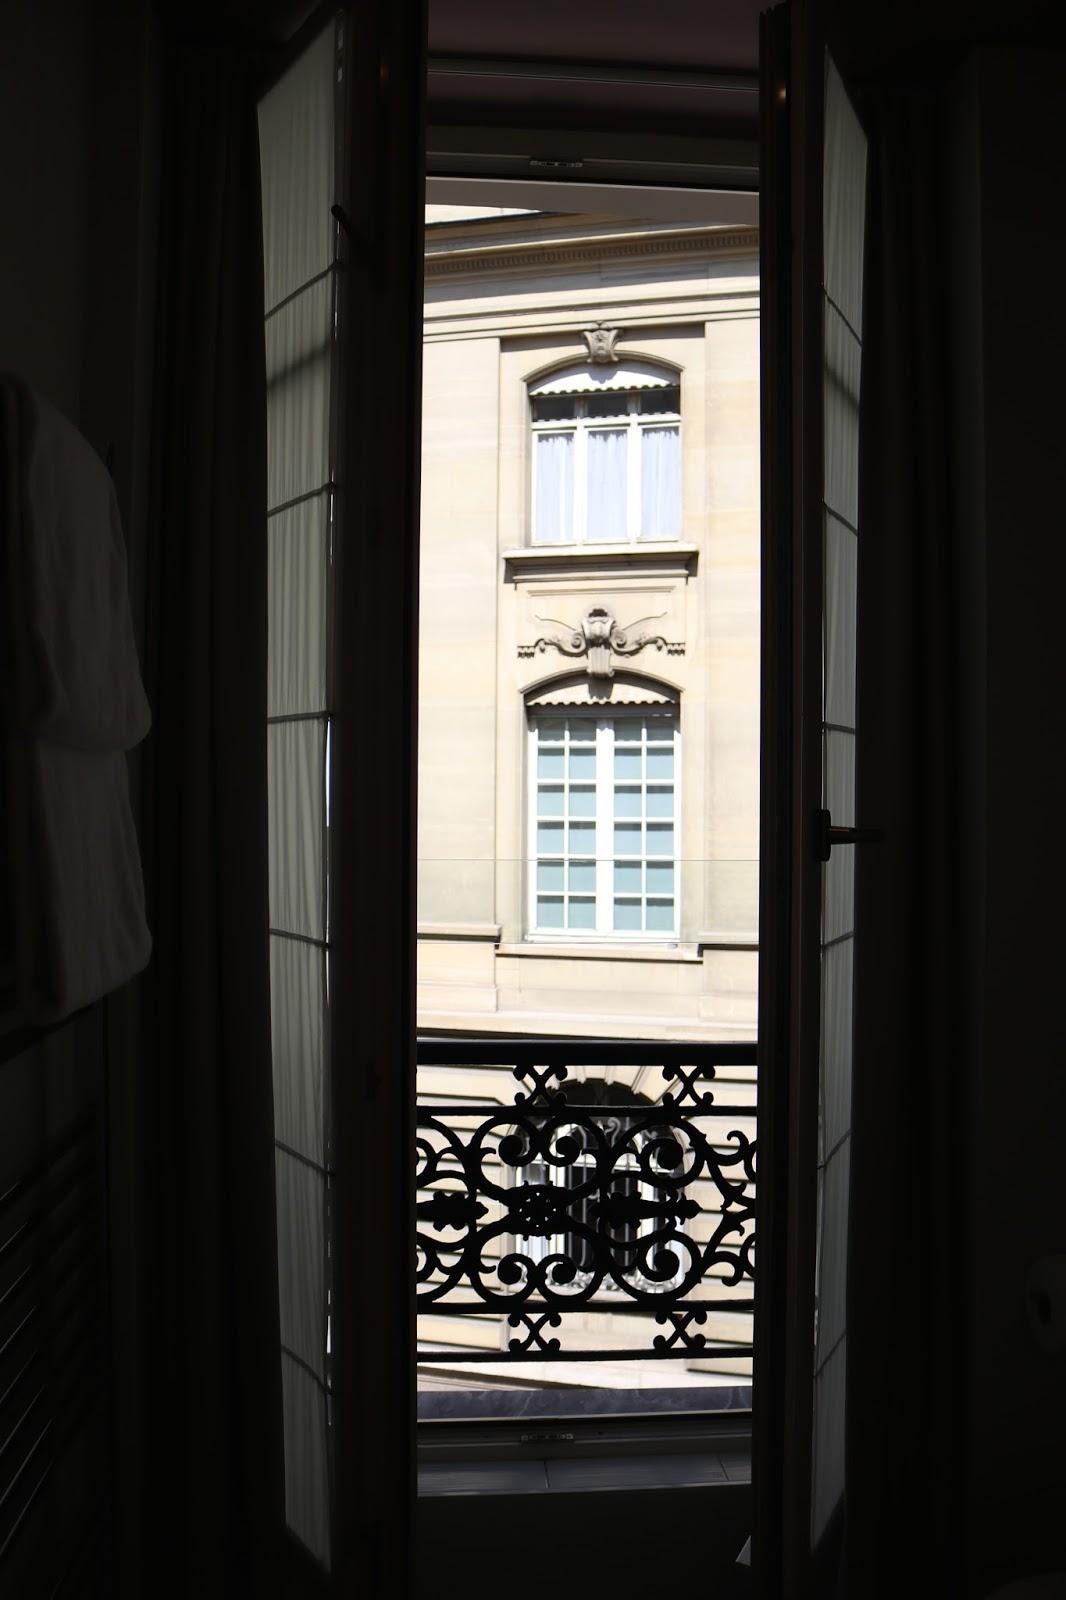 Tolstoii Room, T, Pavillon des Lettres